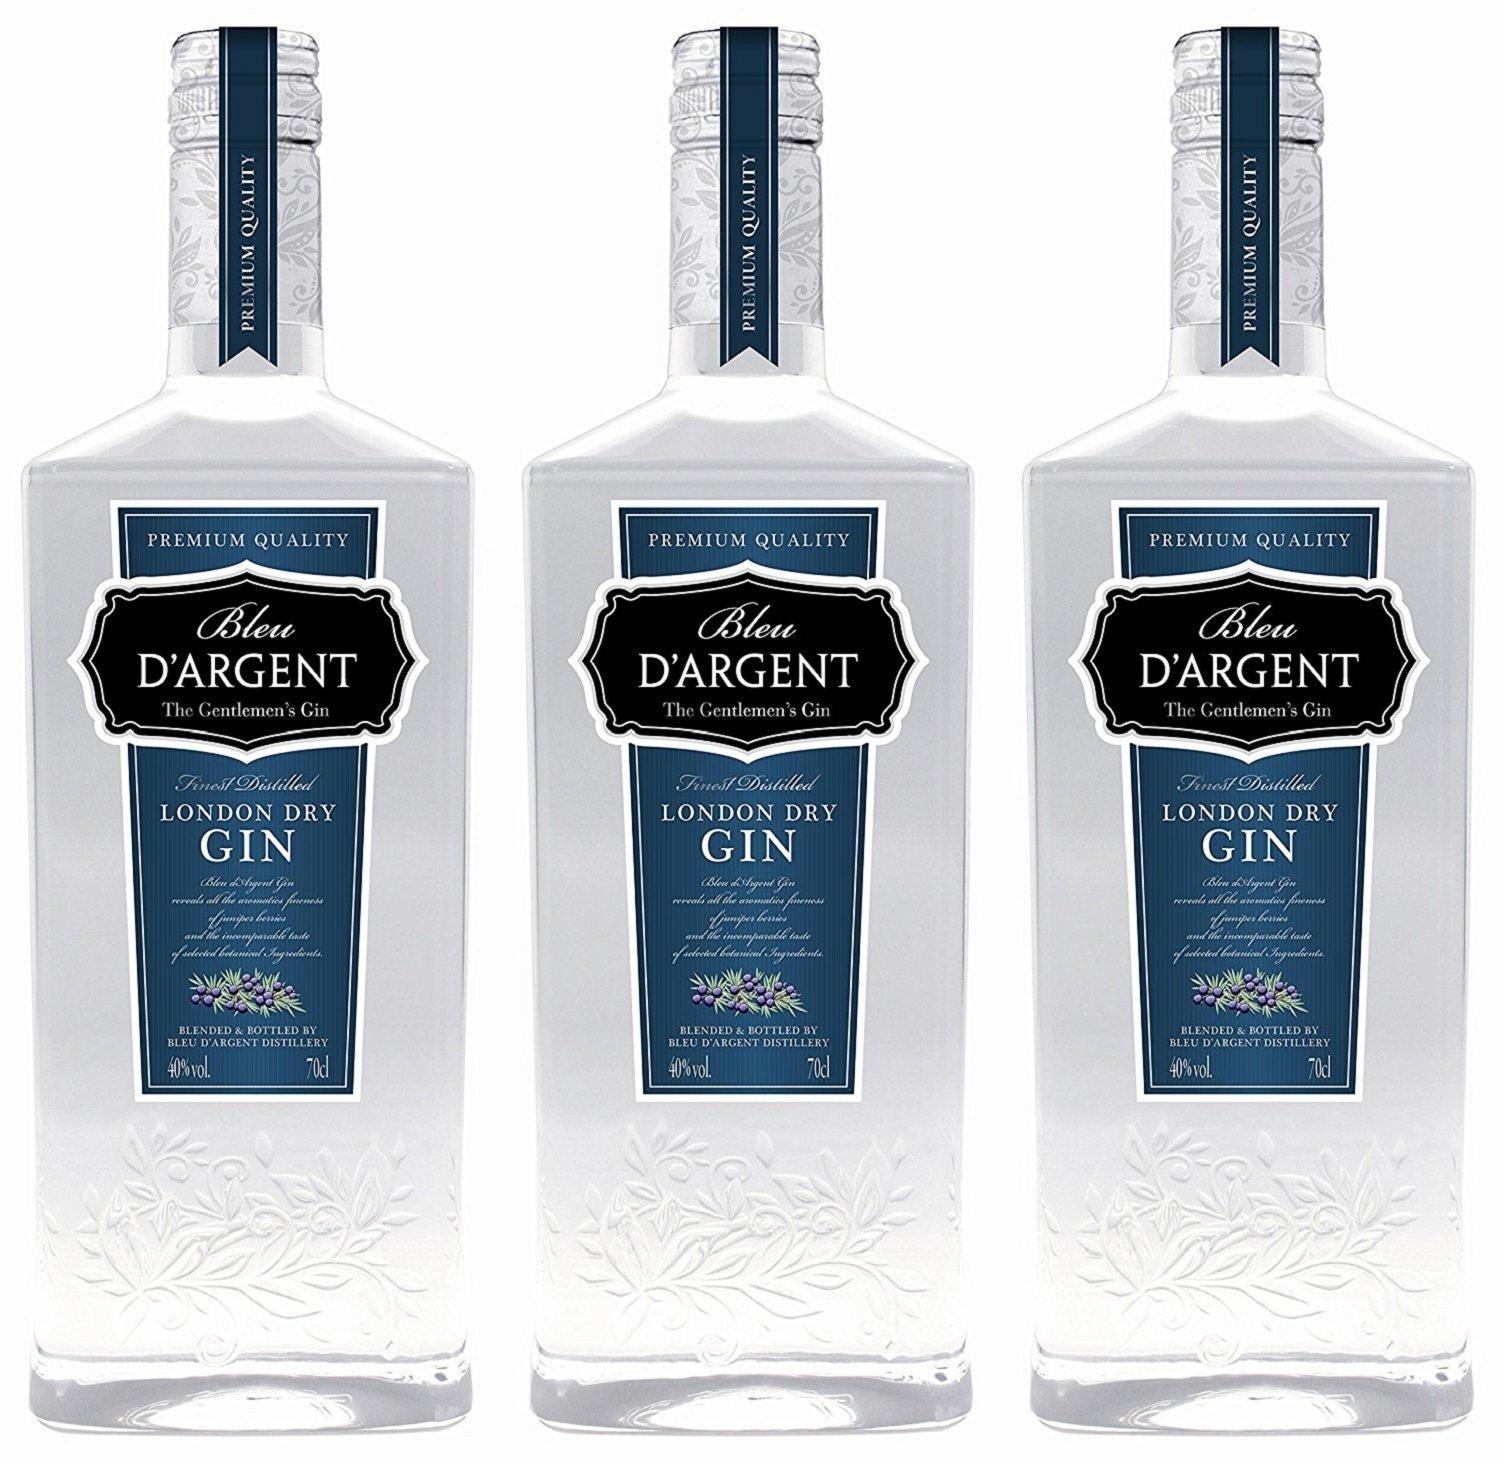 Bleu-DArgent-London-Dry-Gin-3-x-07-l